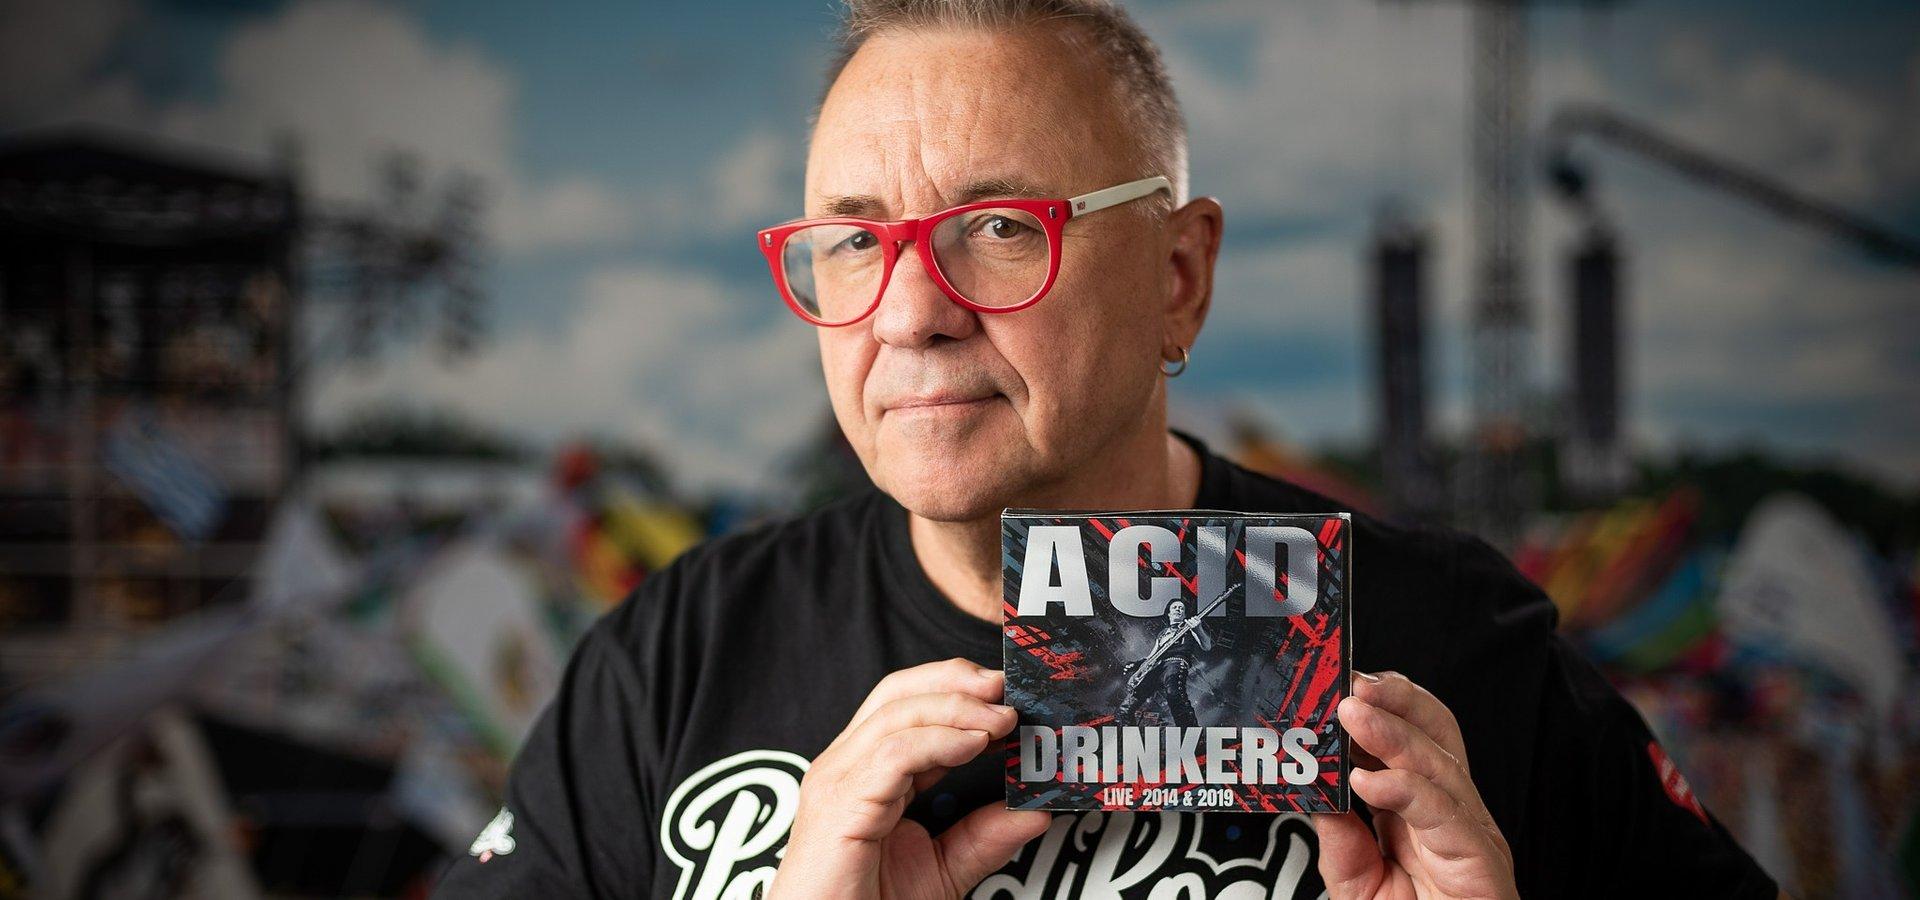 Wyjątkowe wydawnictwo Acid Drinkers już w sprzedaży